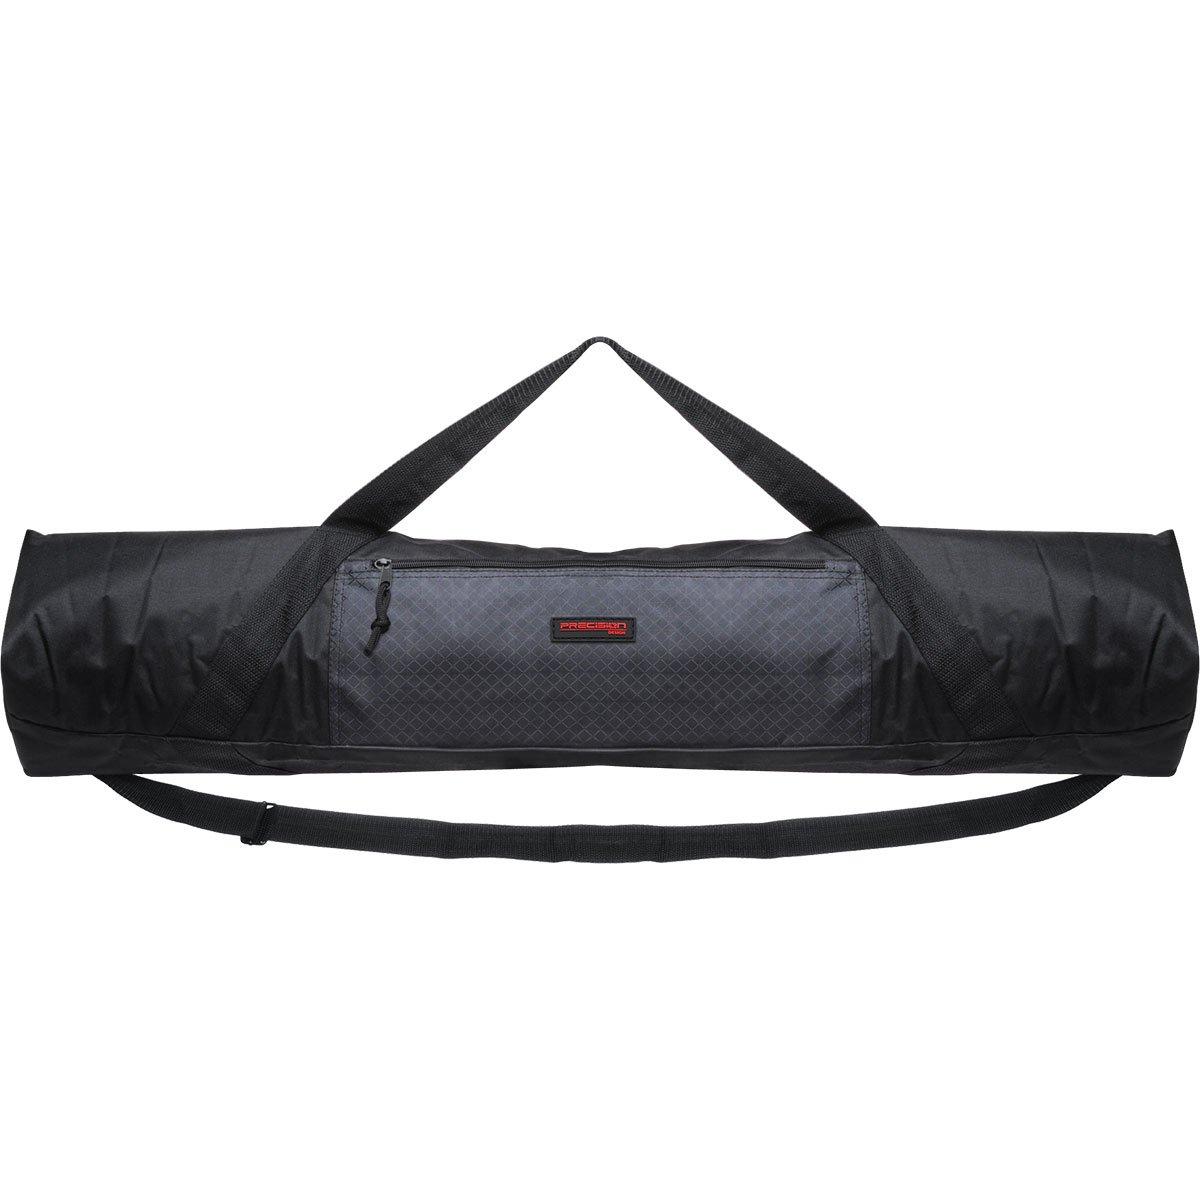 Precision Design 34-inch Tripod Carrying Case